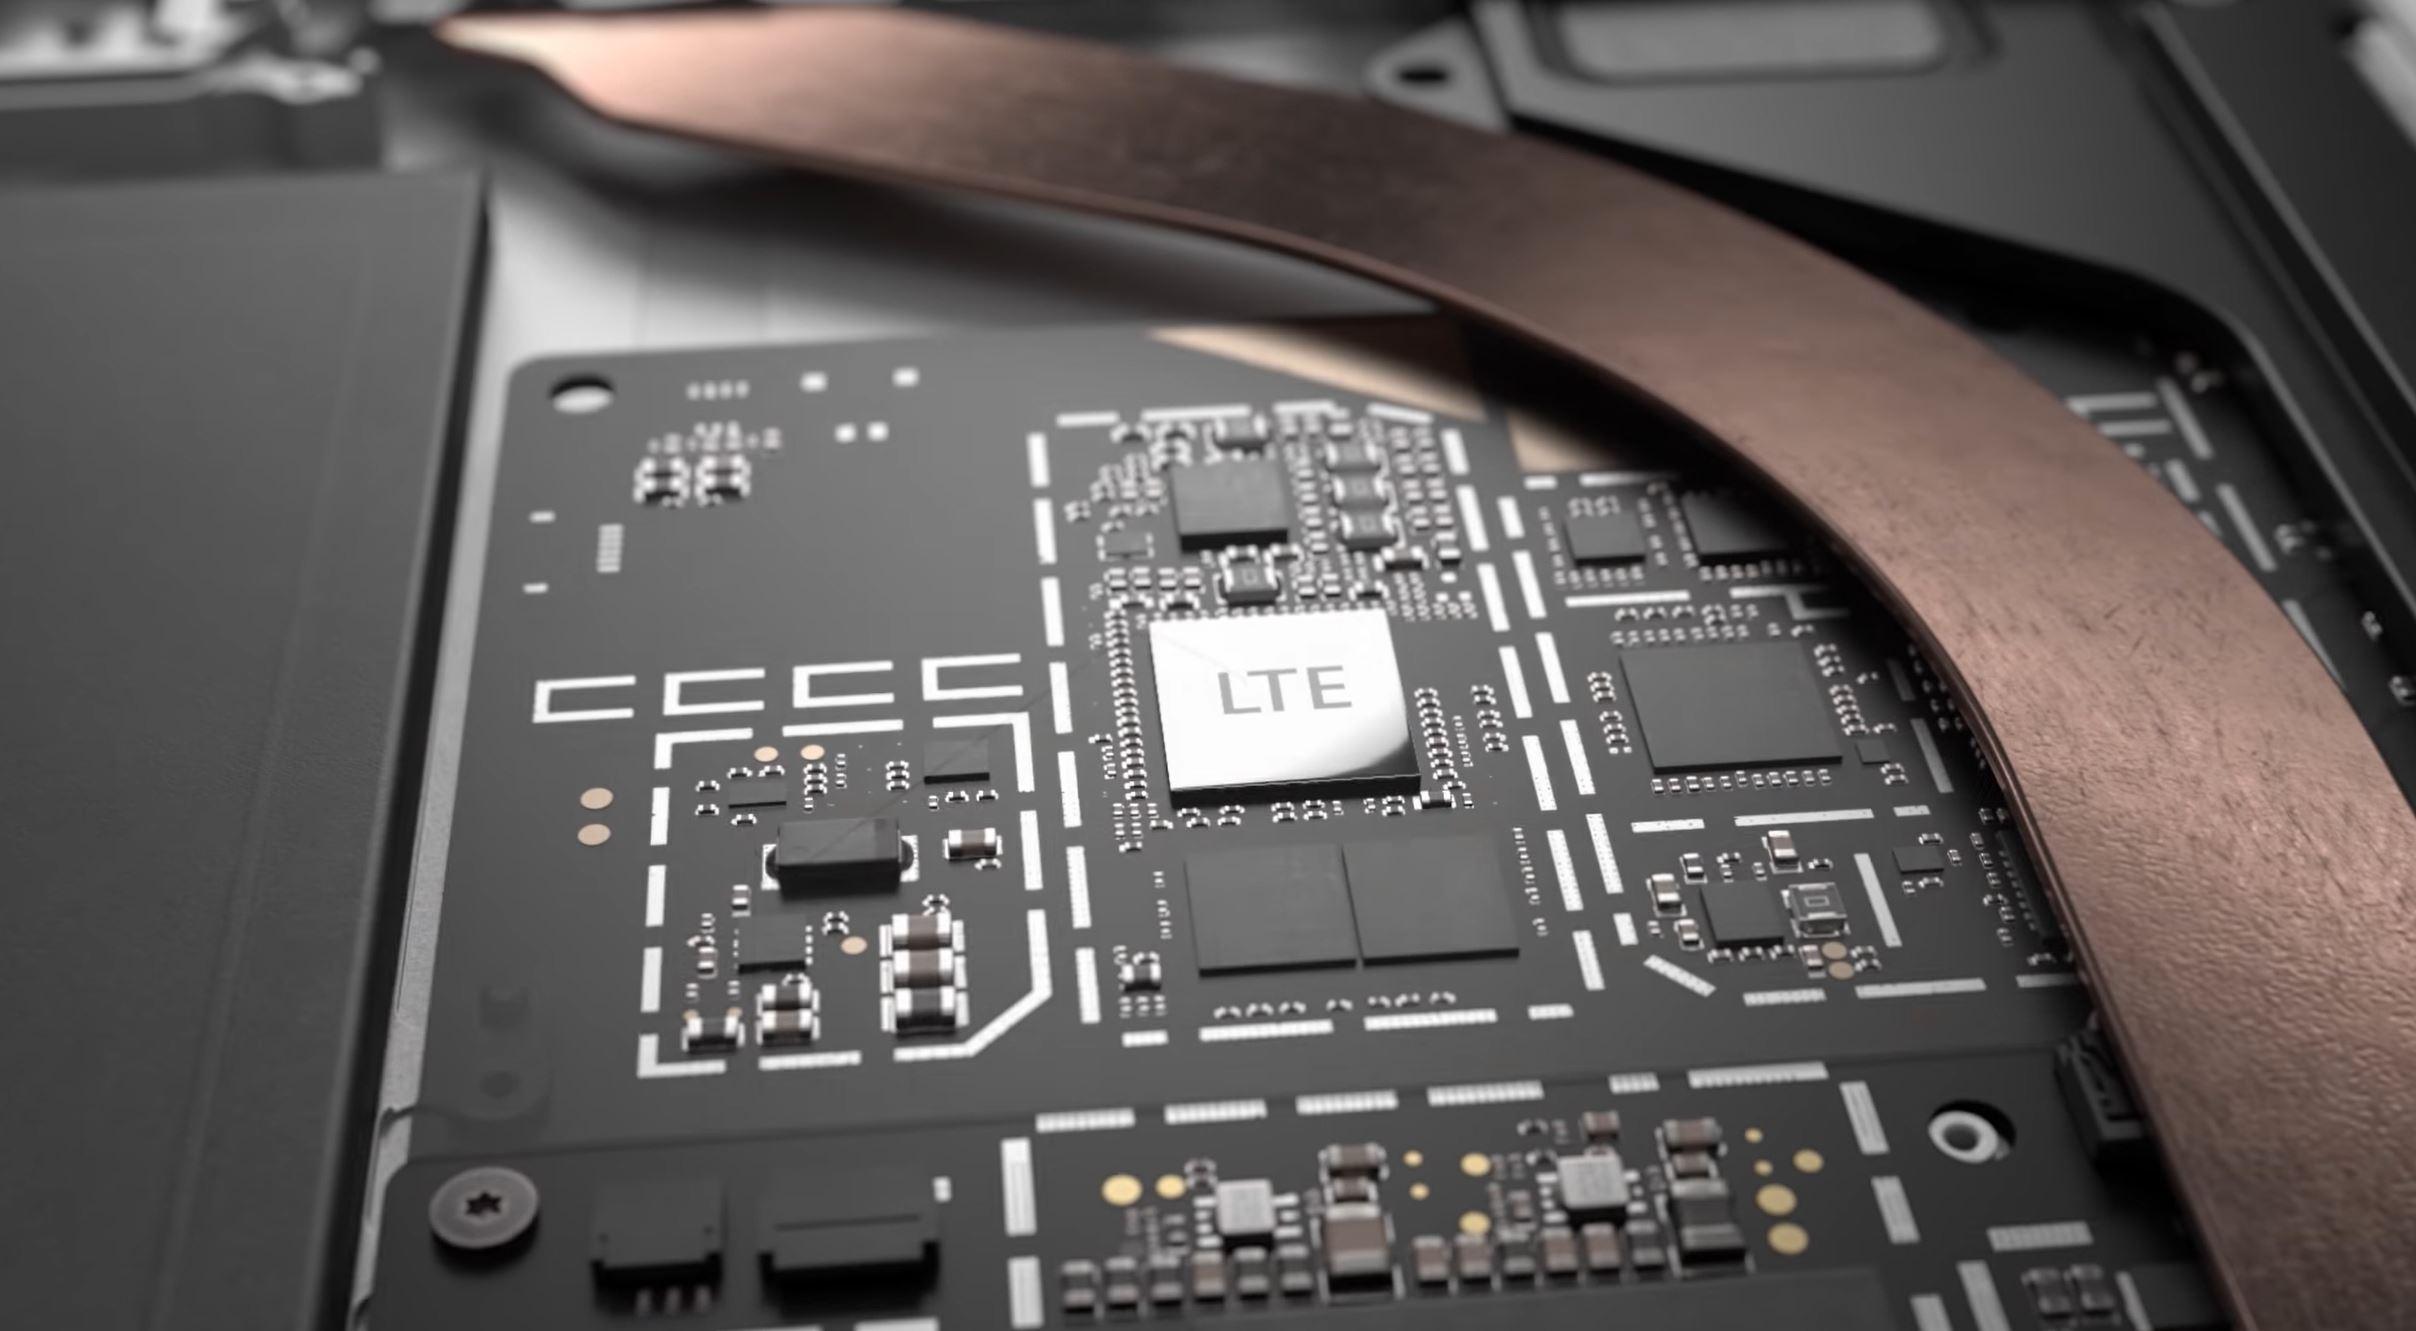 تحلیلی بر عرضه نسخه LTE سرفیس پرو؛ عرضه نسخه LTE سرفیس نشان از چیست؟